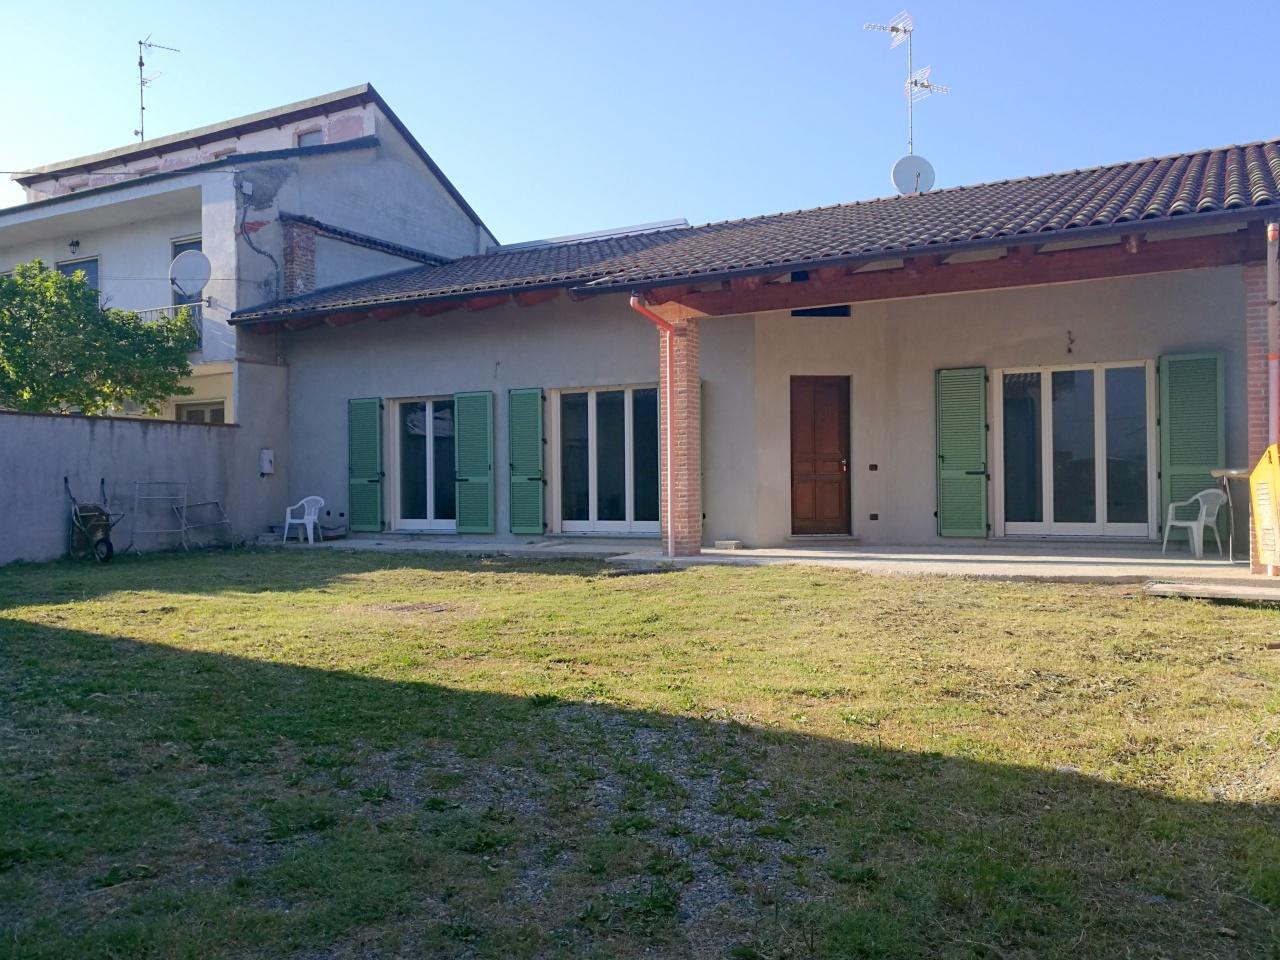 Soluzione Indipendente in vendita a Saluggia, 7 locali, prezzo € 219.000 | CambioCasa.it